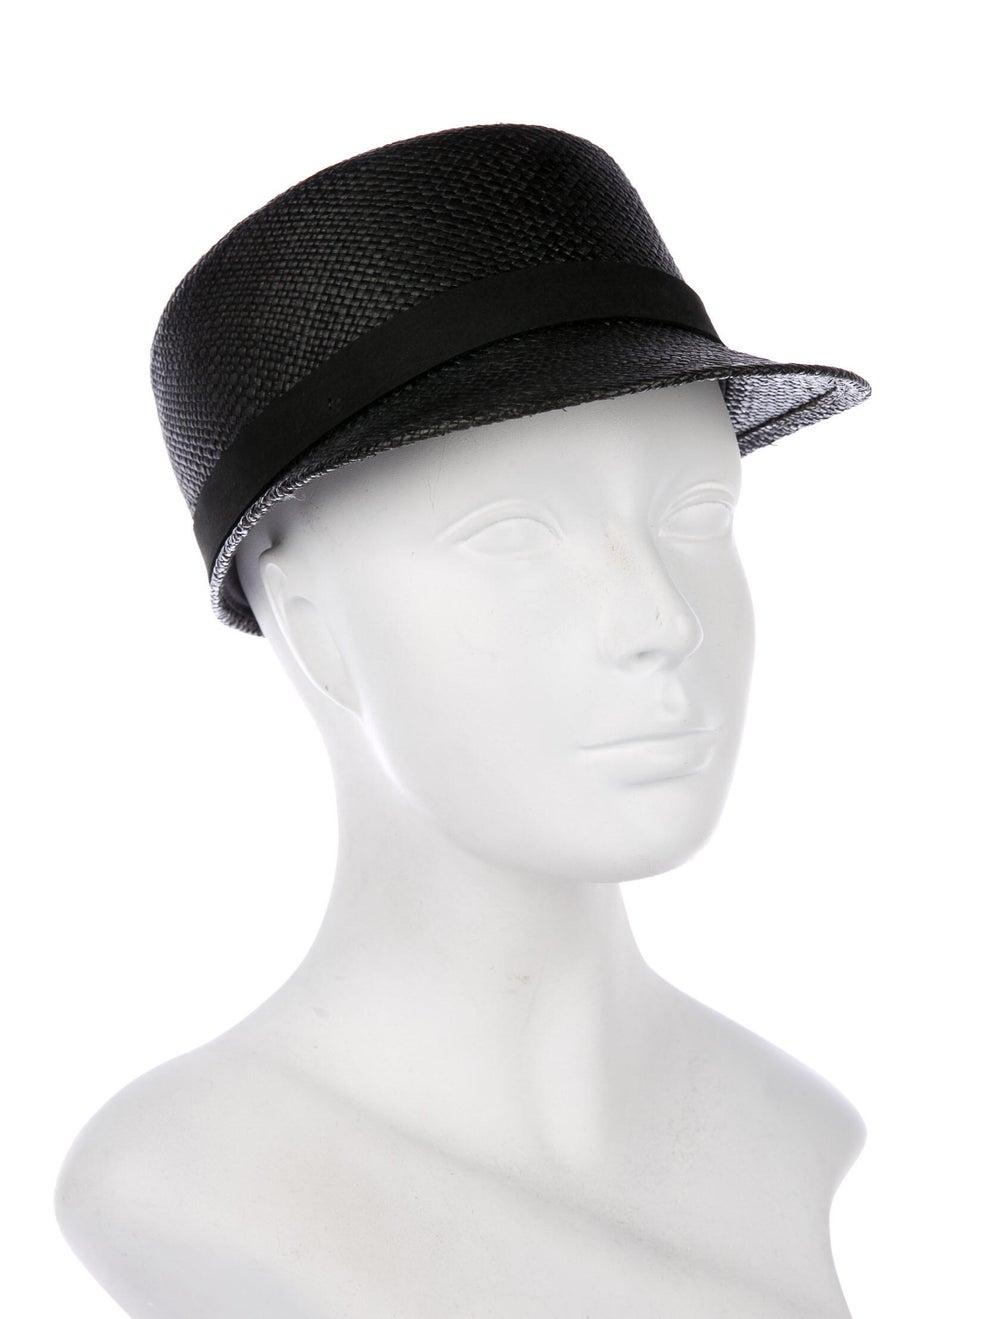 Janessa Leone Woven Straw Cap Black - image 3